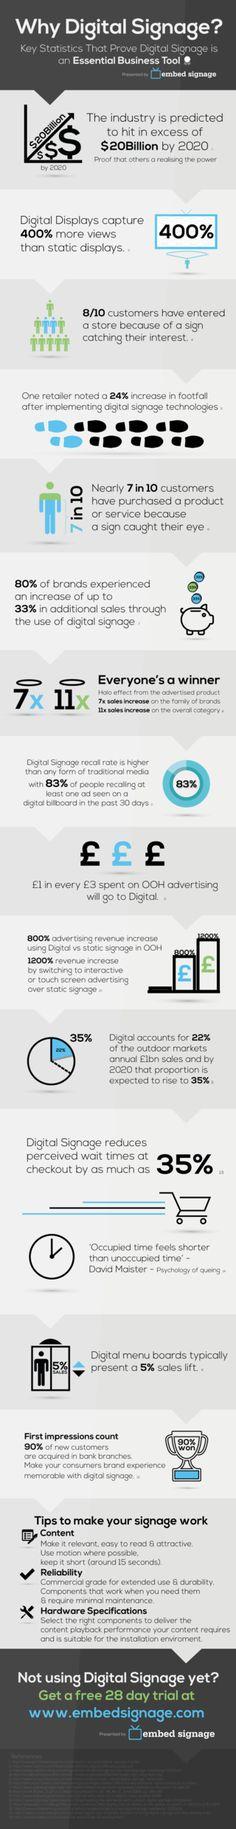 Embed Signage infographic on digital signage